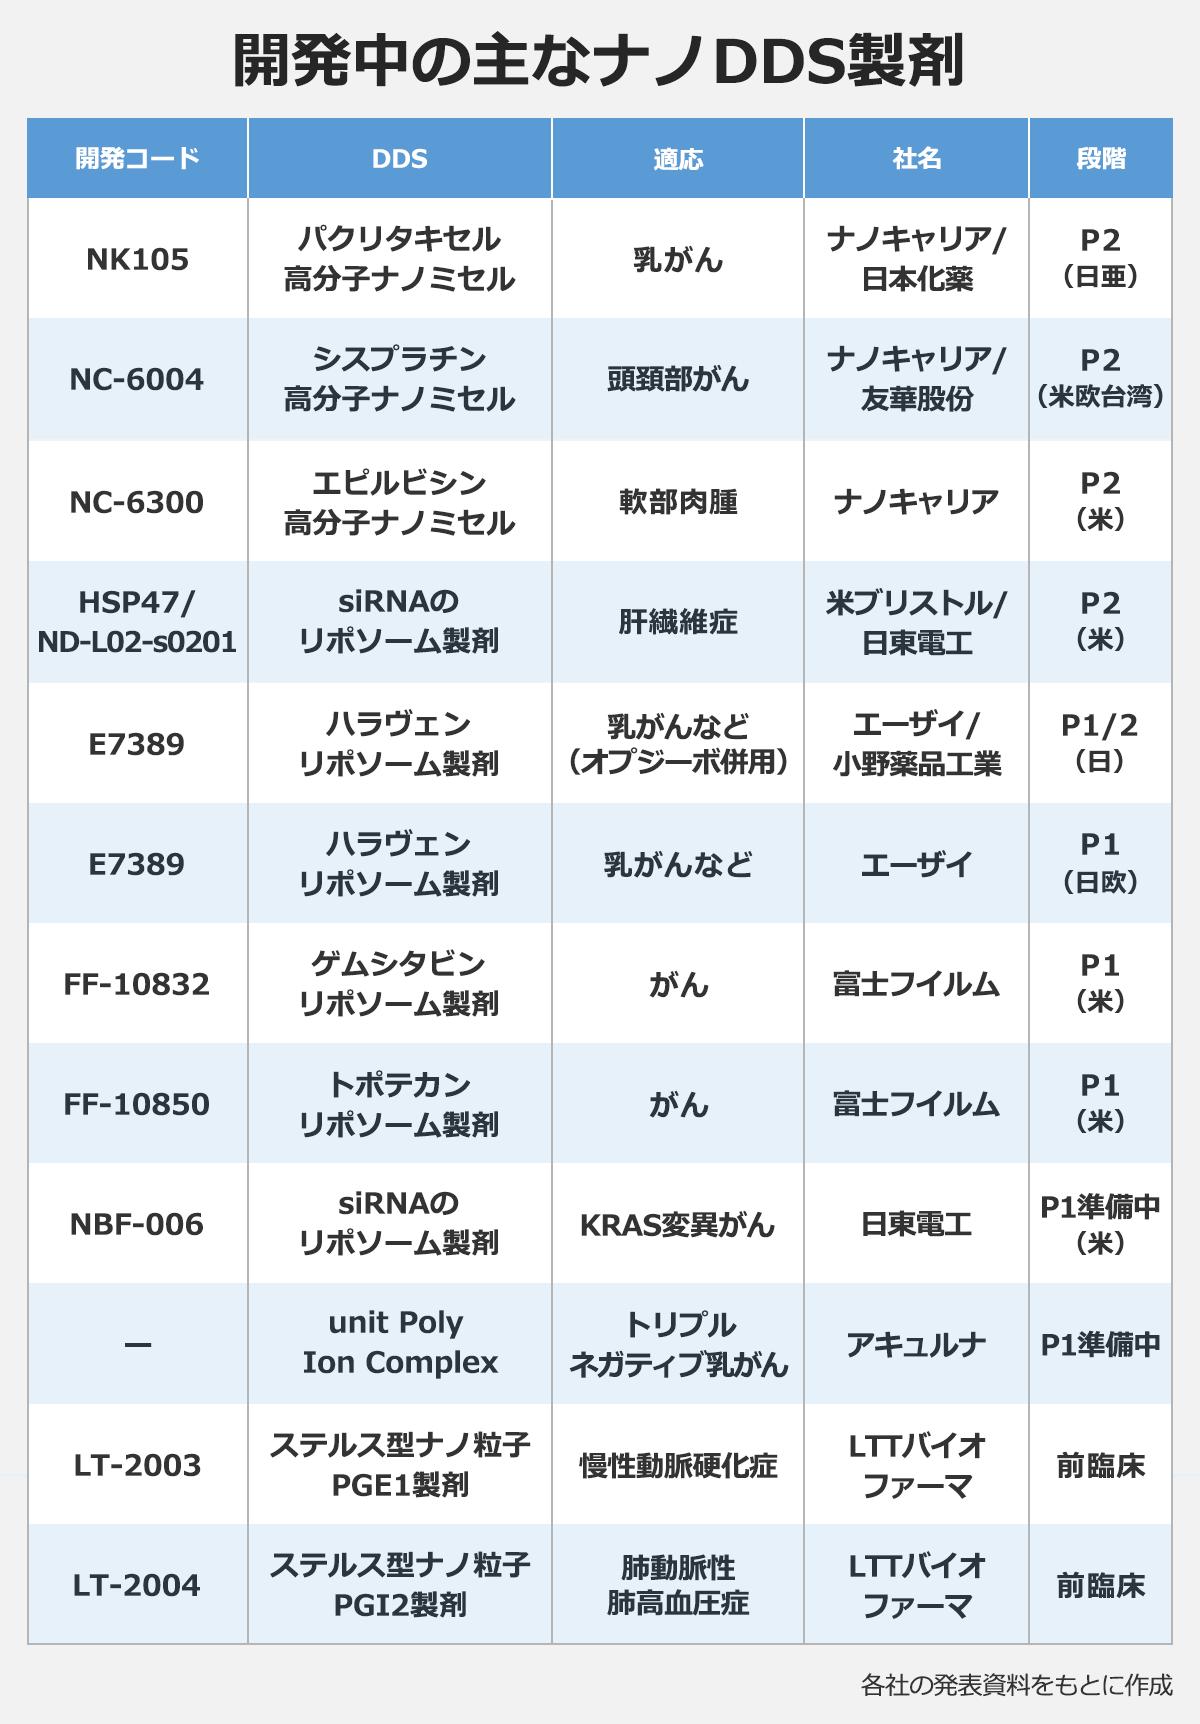 【開発中の主なナノDDS製剤】(開発コード/DDS/適応/社名/段階) NK105/パクリタキセル高分子ナノミセル/乳がん/ナノキャリア/日本化薬/P2(日亜)|NC-6004/シスプラチン高分子ナノミセル/頭頚部がん/ナノキャリア/友華股份/P2(米欧台湾) |NC-6300/エピルビシン高分子ナノミセル/軟部肉腫/ナノキャリア/P2(米) |HSP47/ND-L02-s0201/siRNAのリポソーム製剤/肝繊維症/米ブリストル/日東電工/P2(米) |E7389/ハラヴェンリポソーム製剤/乳がんなど(オプジーボ併用)/エーザイ/小野薬品工業/P1/2(日) |E7389/ハラヴェンリポソーム製剤/乳がんなど/エーザイ/P1(日欧) |FF-10832/ゲムシタビンリポソーム製剤/がん/富士フイルム/P1(米) |FF-10850/トポテカンリポソーム製剤/がん/富士フイルム/P1(米) |NBF-006/siRNAのリポソーム製剤/KRAS変異がん/日東電工/P1準備中(米) |-/unit/Poly/Ion/Complex/トリプルネガティブ乳がん/アキュルナ/P1準備中 |LT-2003/ステルス型ナノ粒子PGE1製剤/慢性動脈硬化症/LTTバイオファーマ/前臨床 |LT-2004/ステルス型ナノ粒子PGI2製剤/肺動脈性肺高血圧症/LTTバイオファーマ/前臨床 |※各社の発表資料をもとに作成